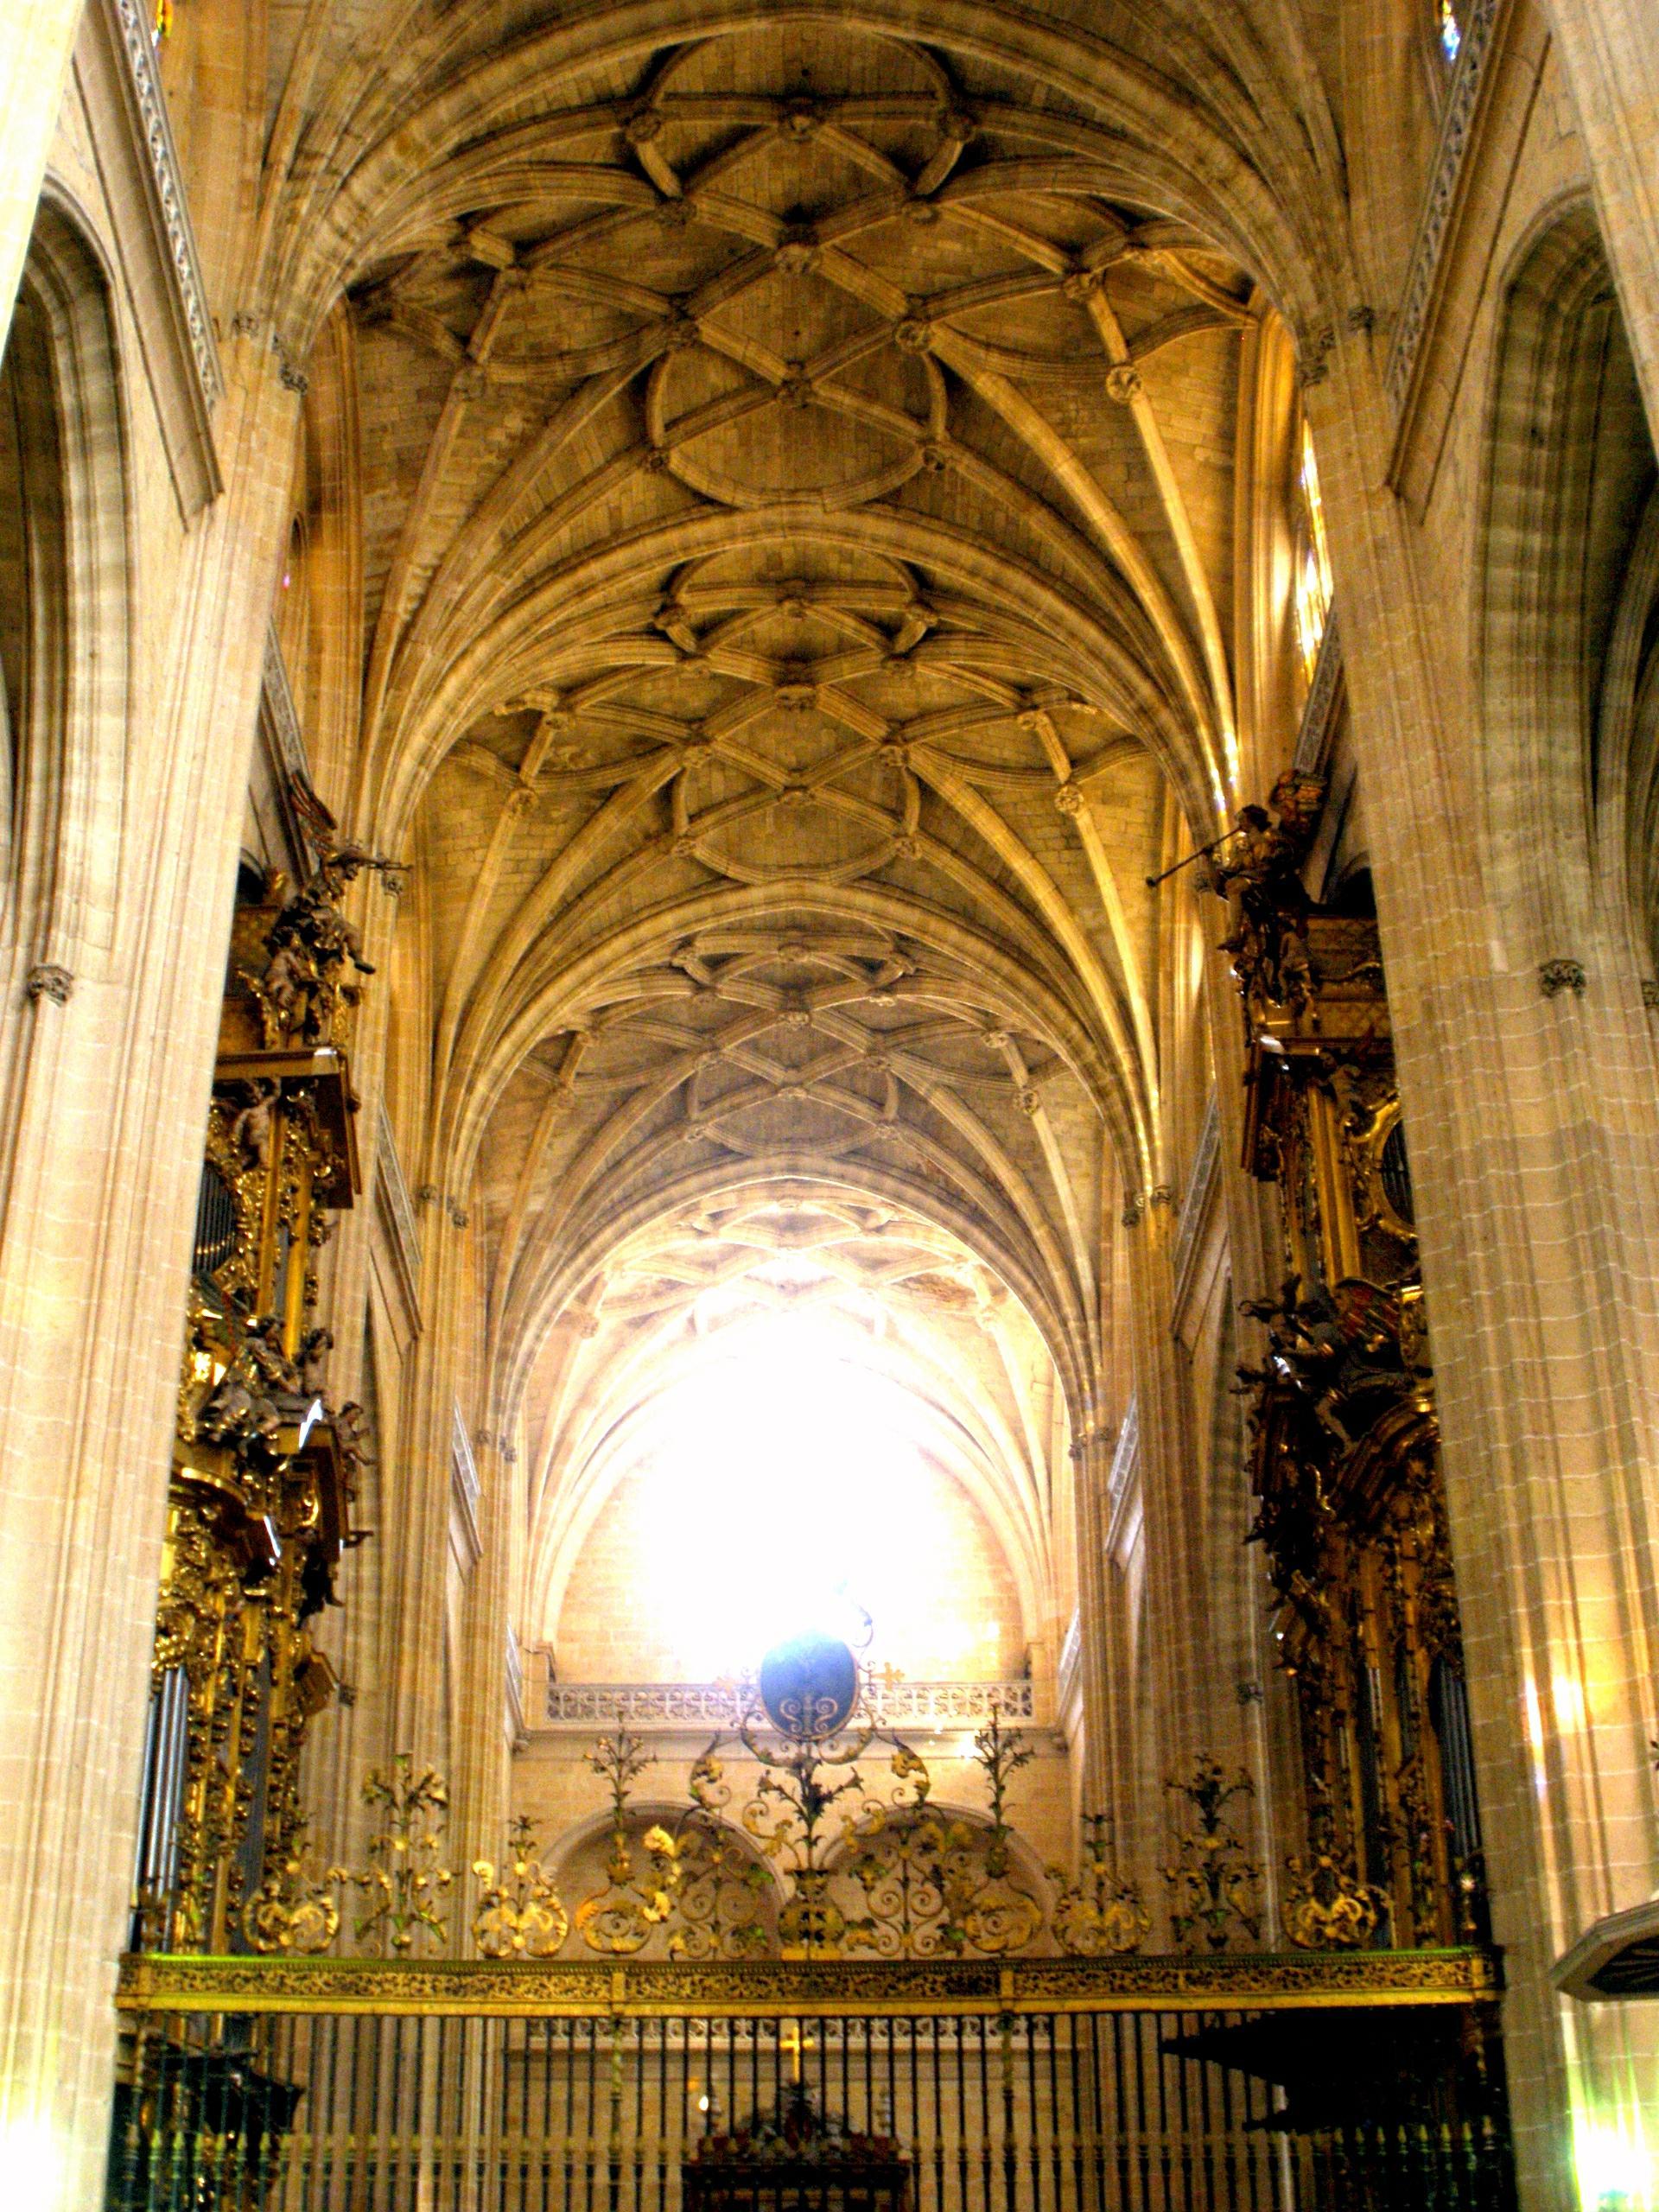 File:Segovia - Catedral, interiores 14.JPG - Wikimedia Commons